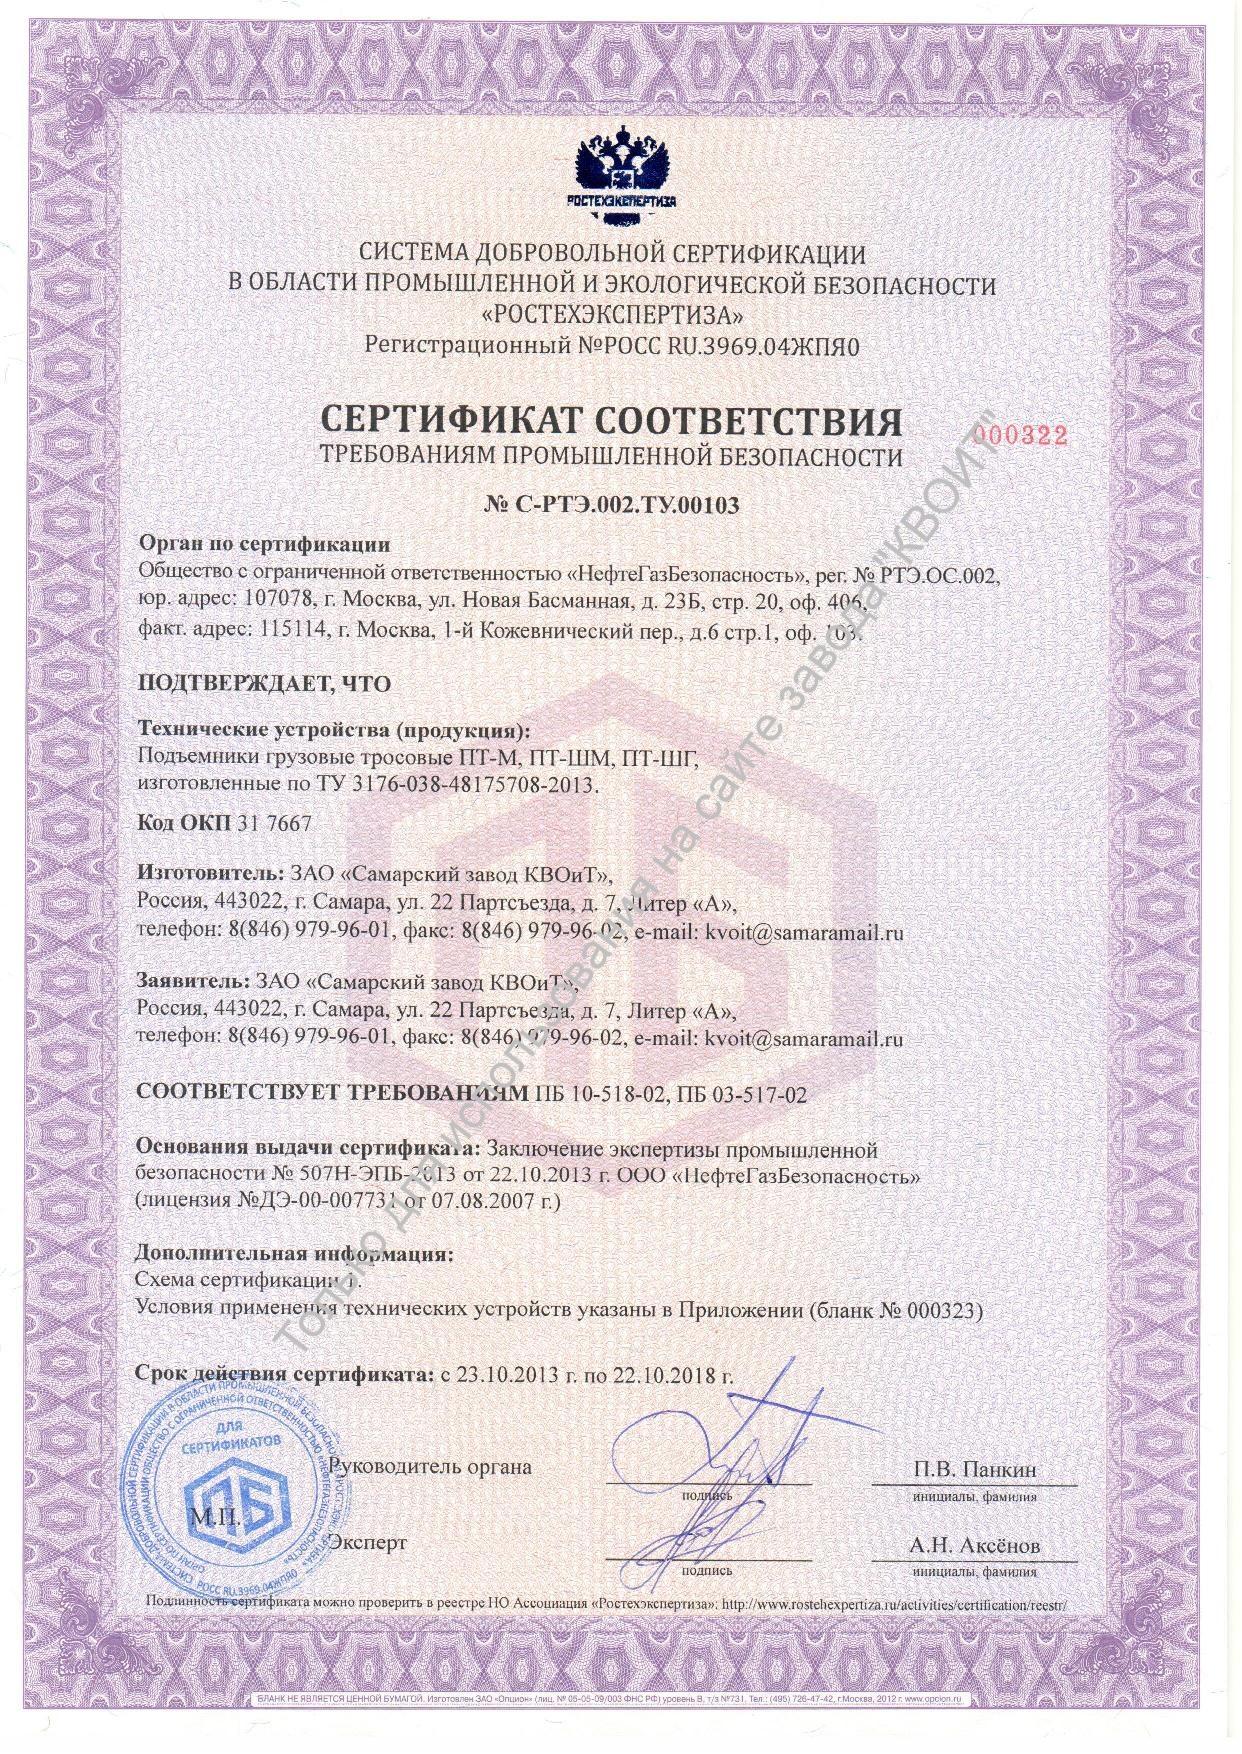 Квоит сертификат исо 9001 сертификация по хир стоматологии россоя